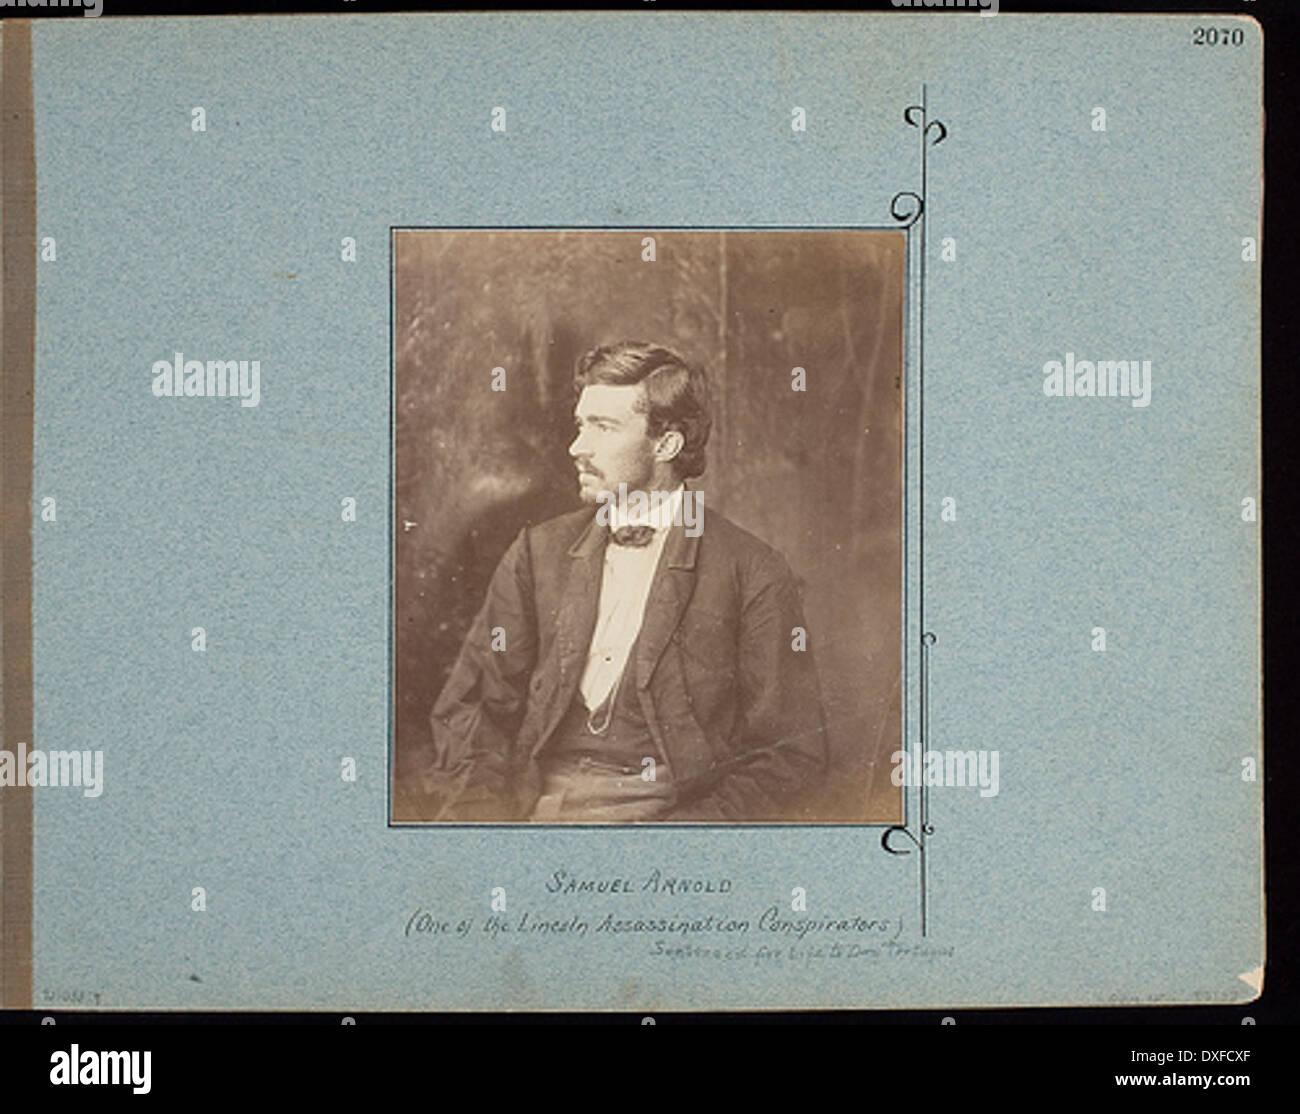 Samuel Arnold. (L'un des conspirateurs Assassinat de Lincoln) Samuel Arnold. (L'un des conspirateurs) assassinat Banque D'Images